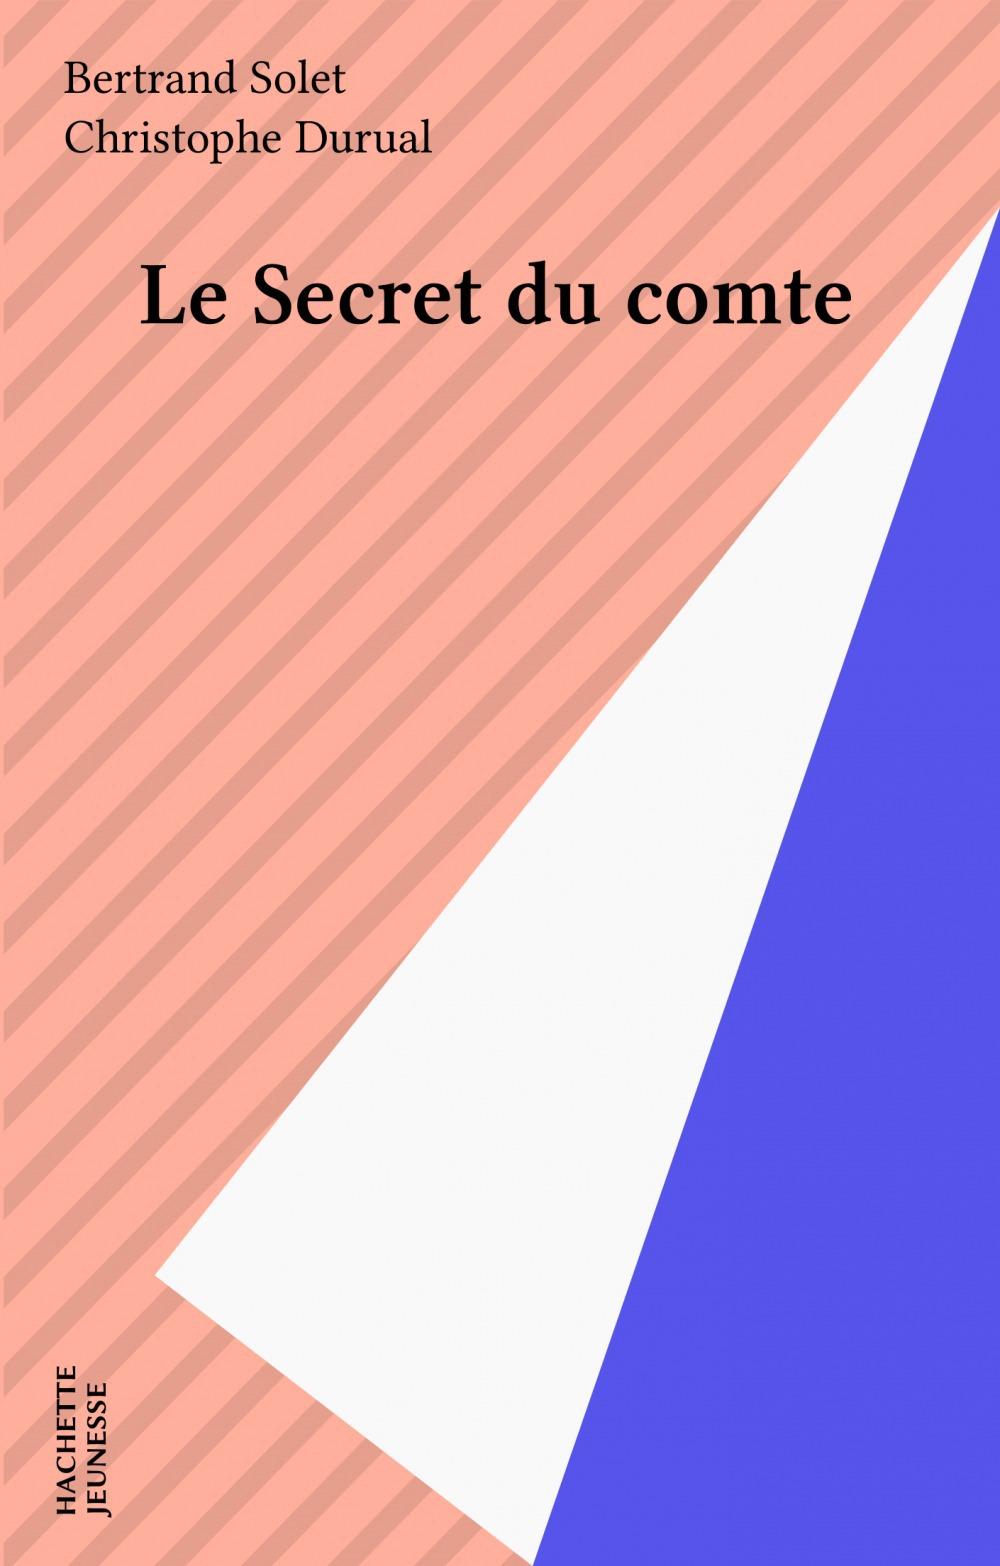 Le secret du comte